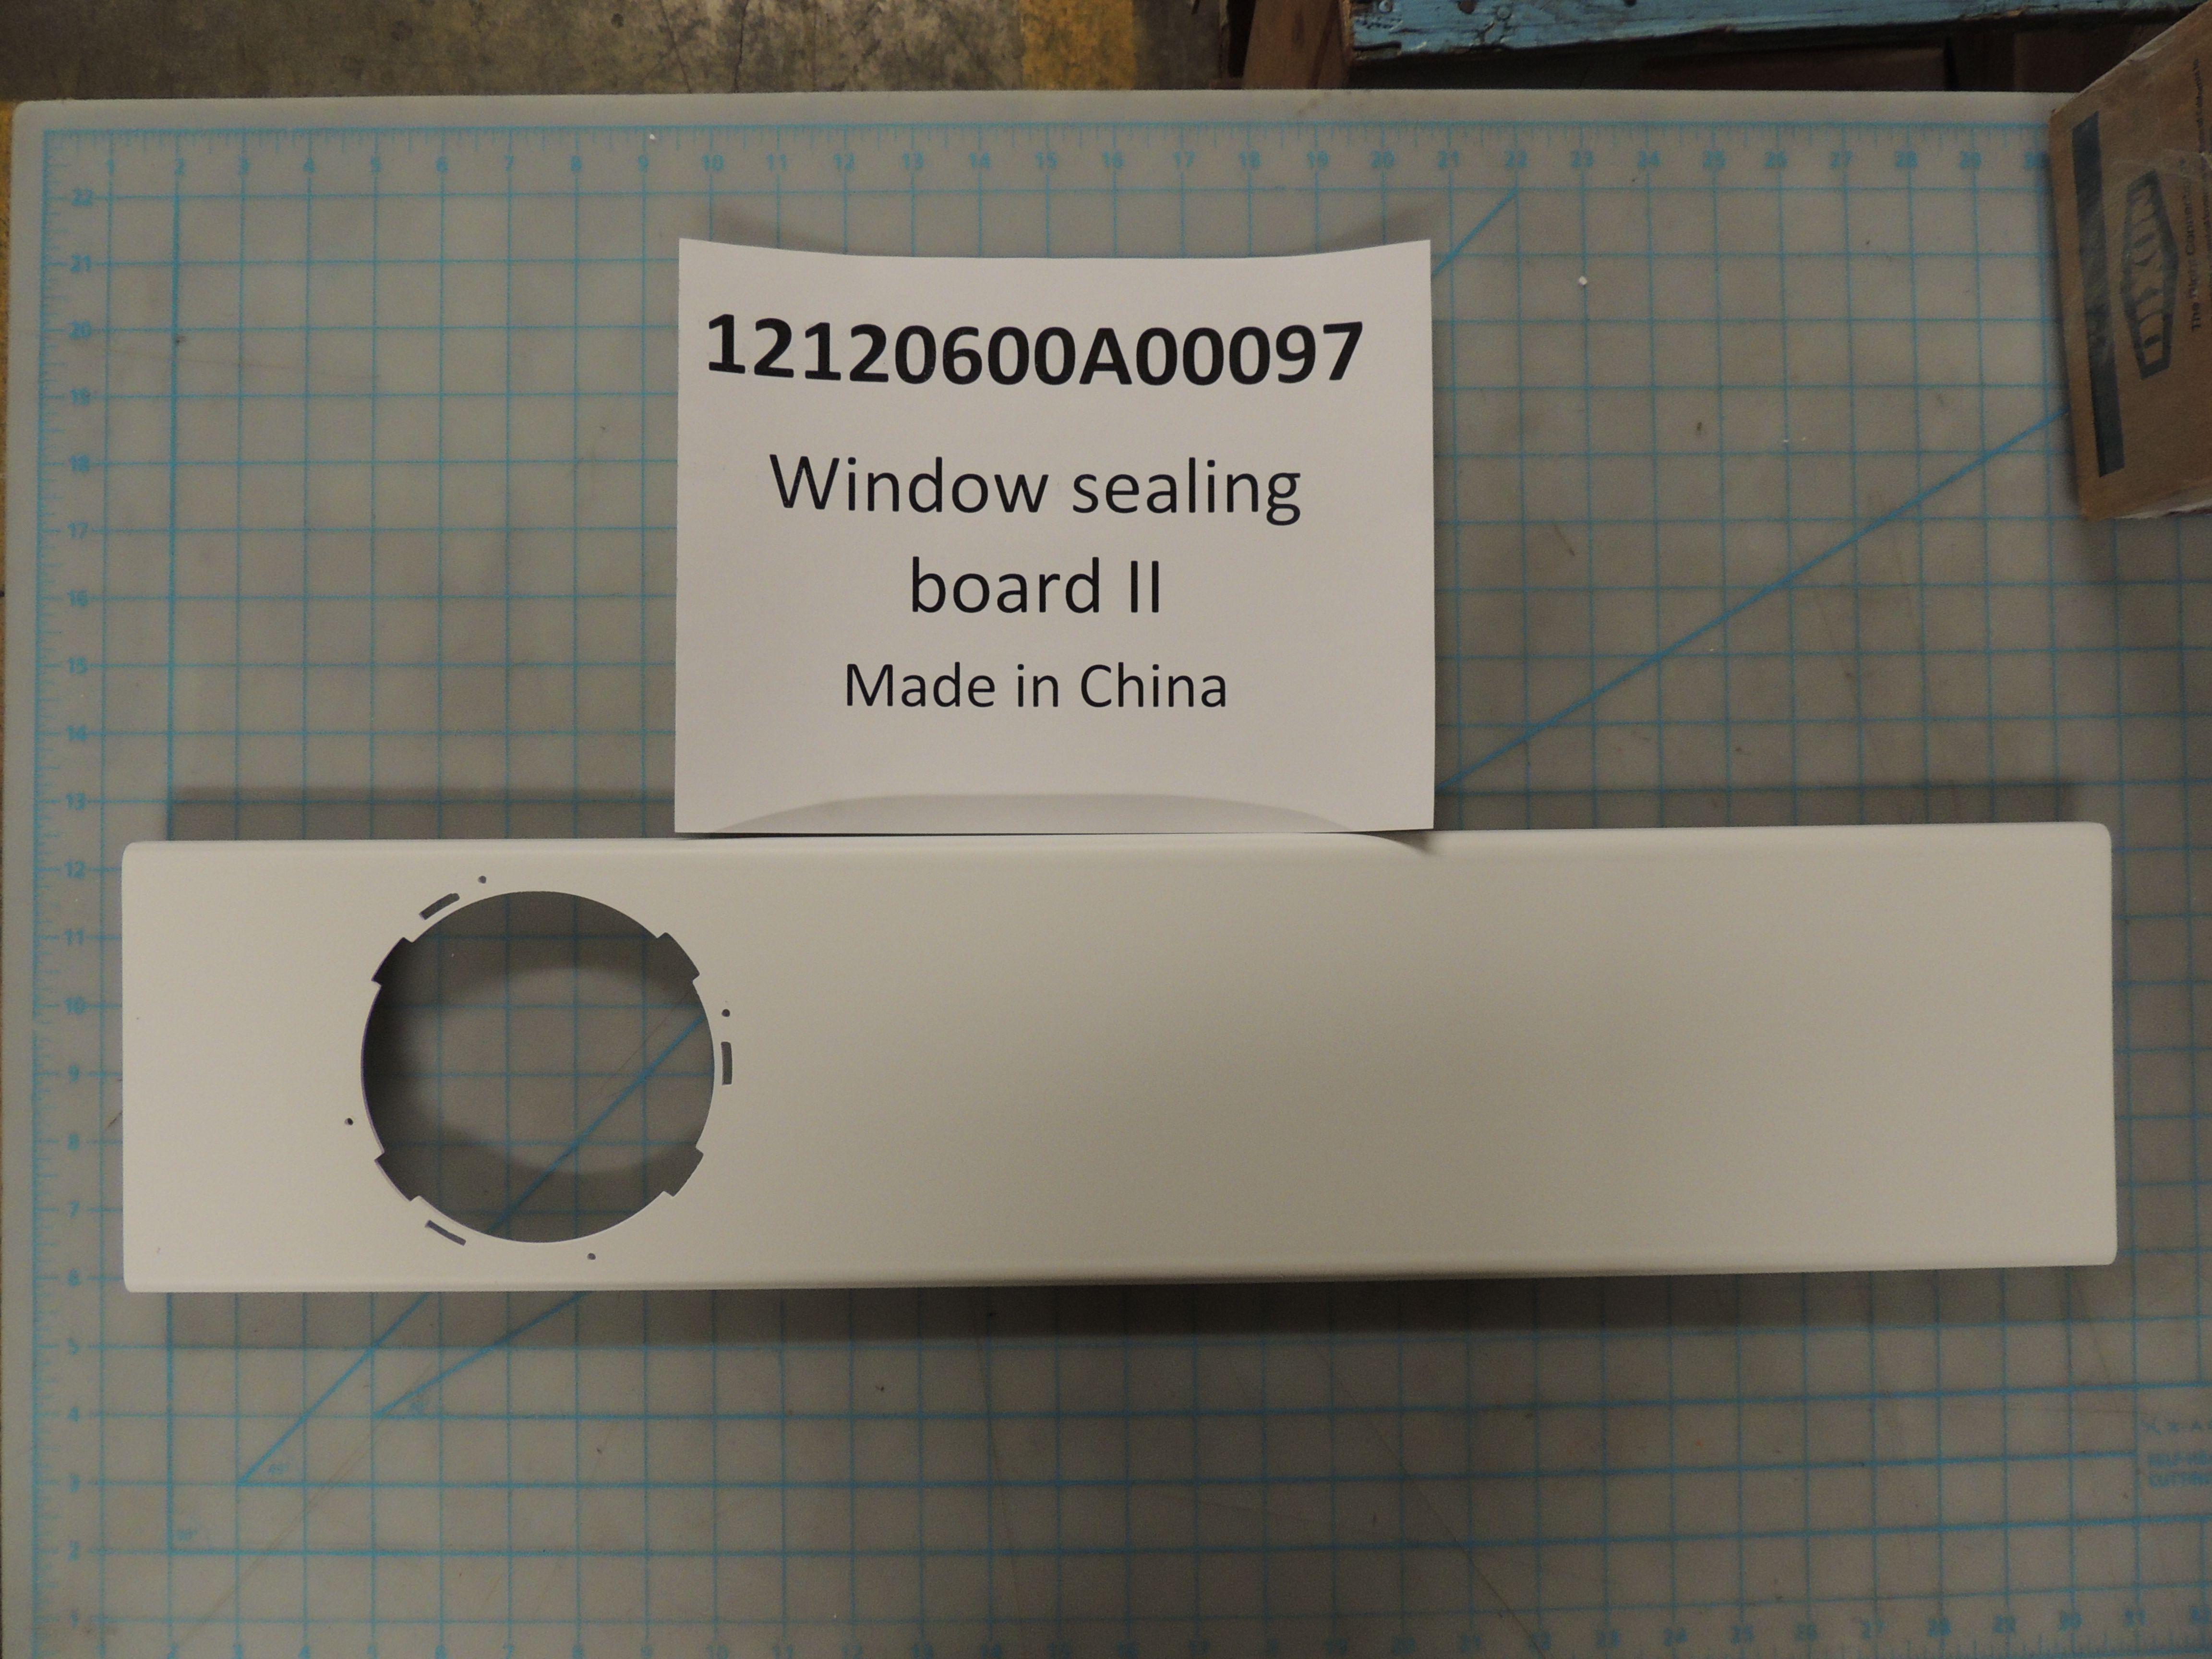 Window sealing board II